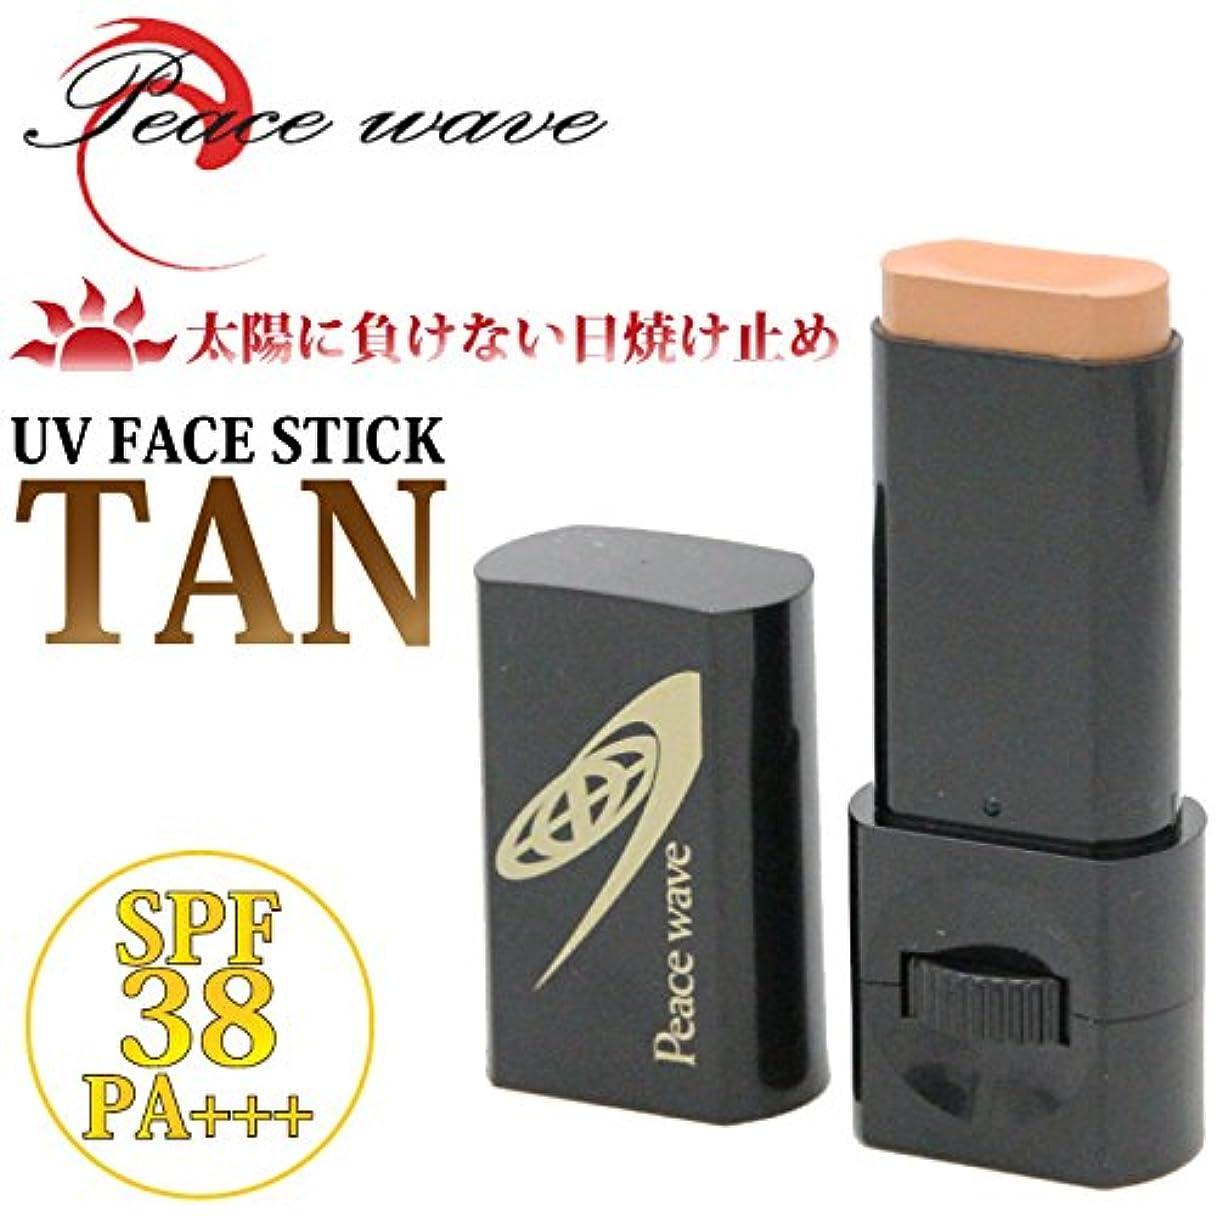 チャンピオンシップマウス干渉するPEACE WAVE(ピースウェーブ) 日焼け止め UV FACE STICK SPF38 フェイススティック タン